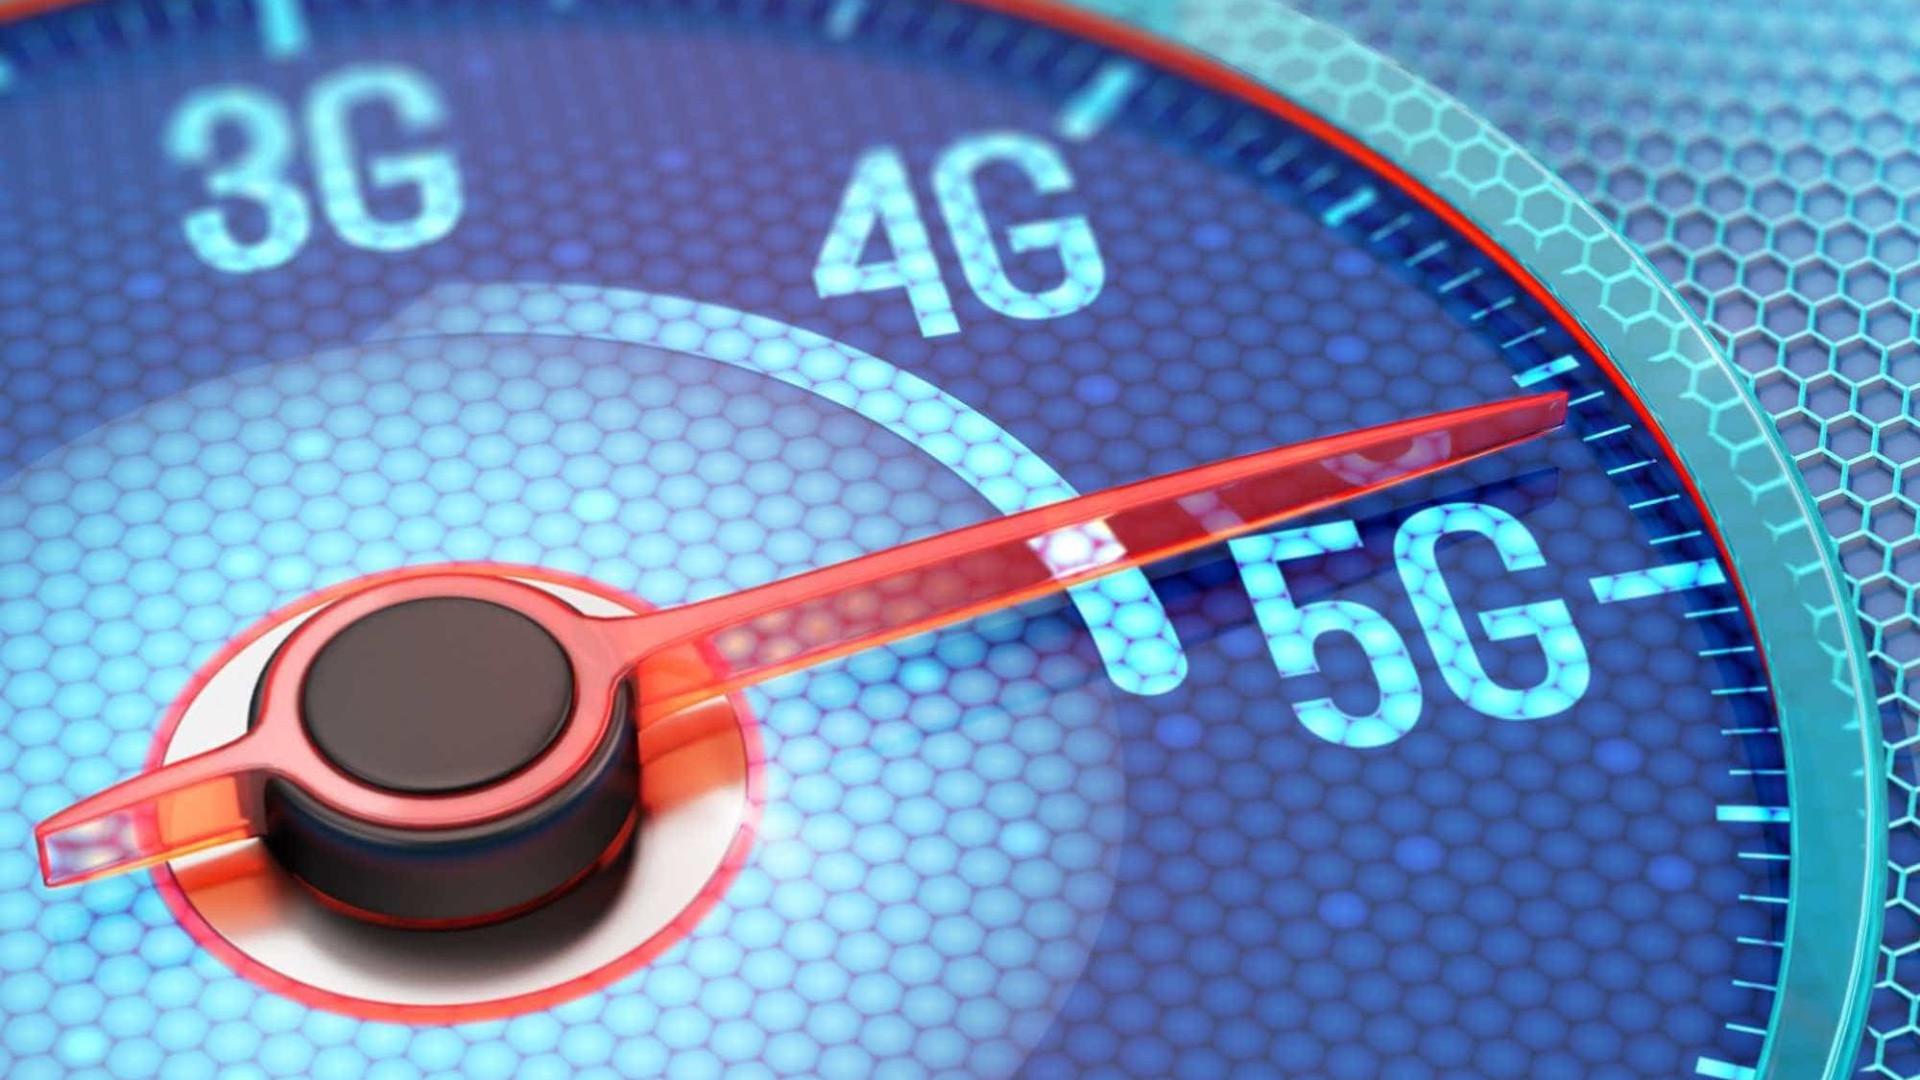 Coreia do Sul será primeiro país a disponibilizar 5G a partir de amanhã